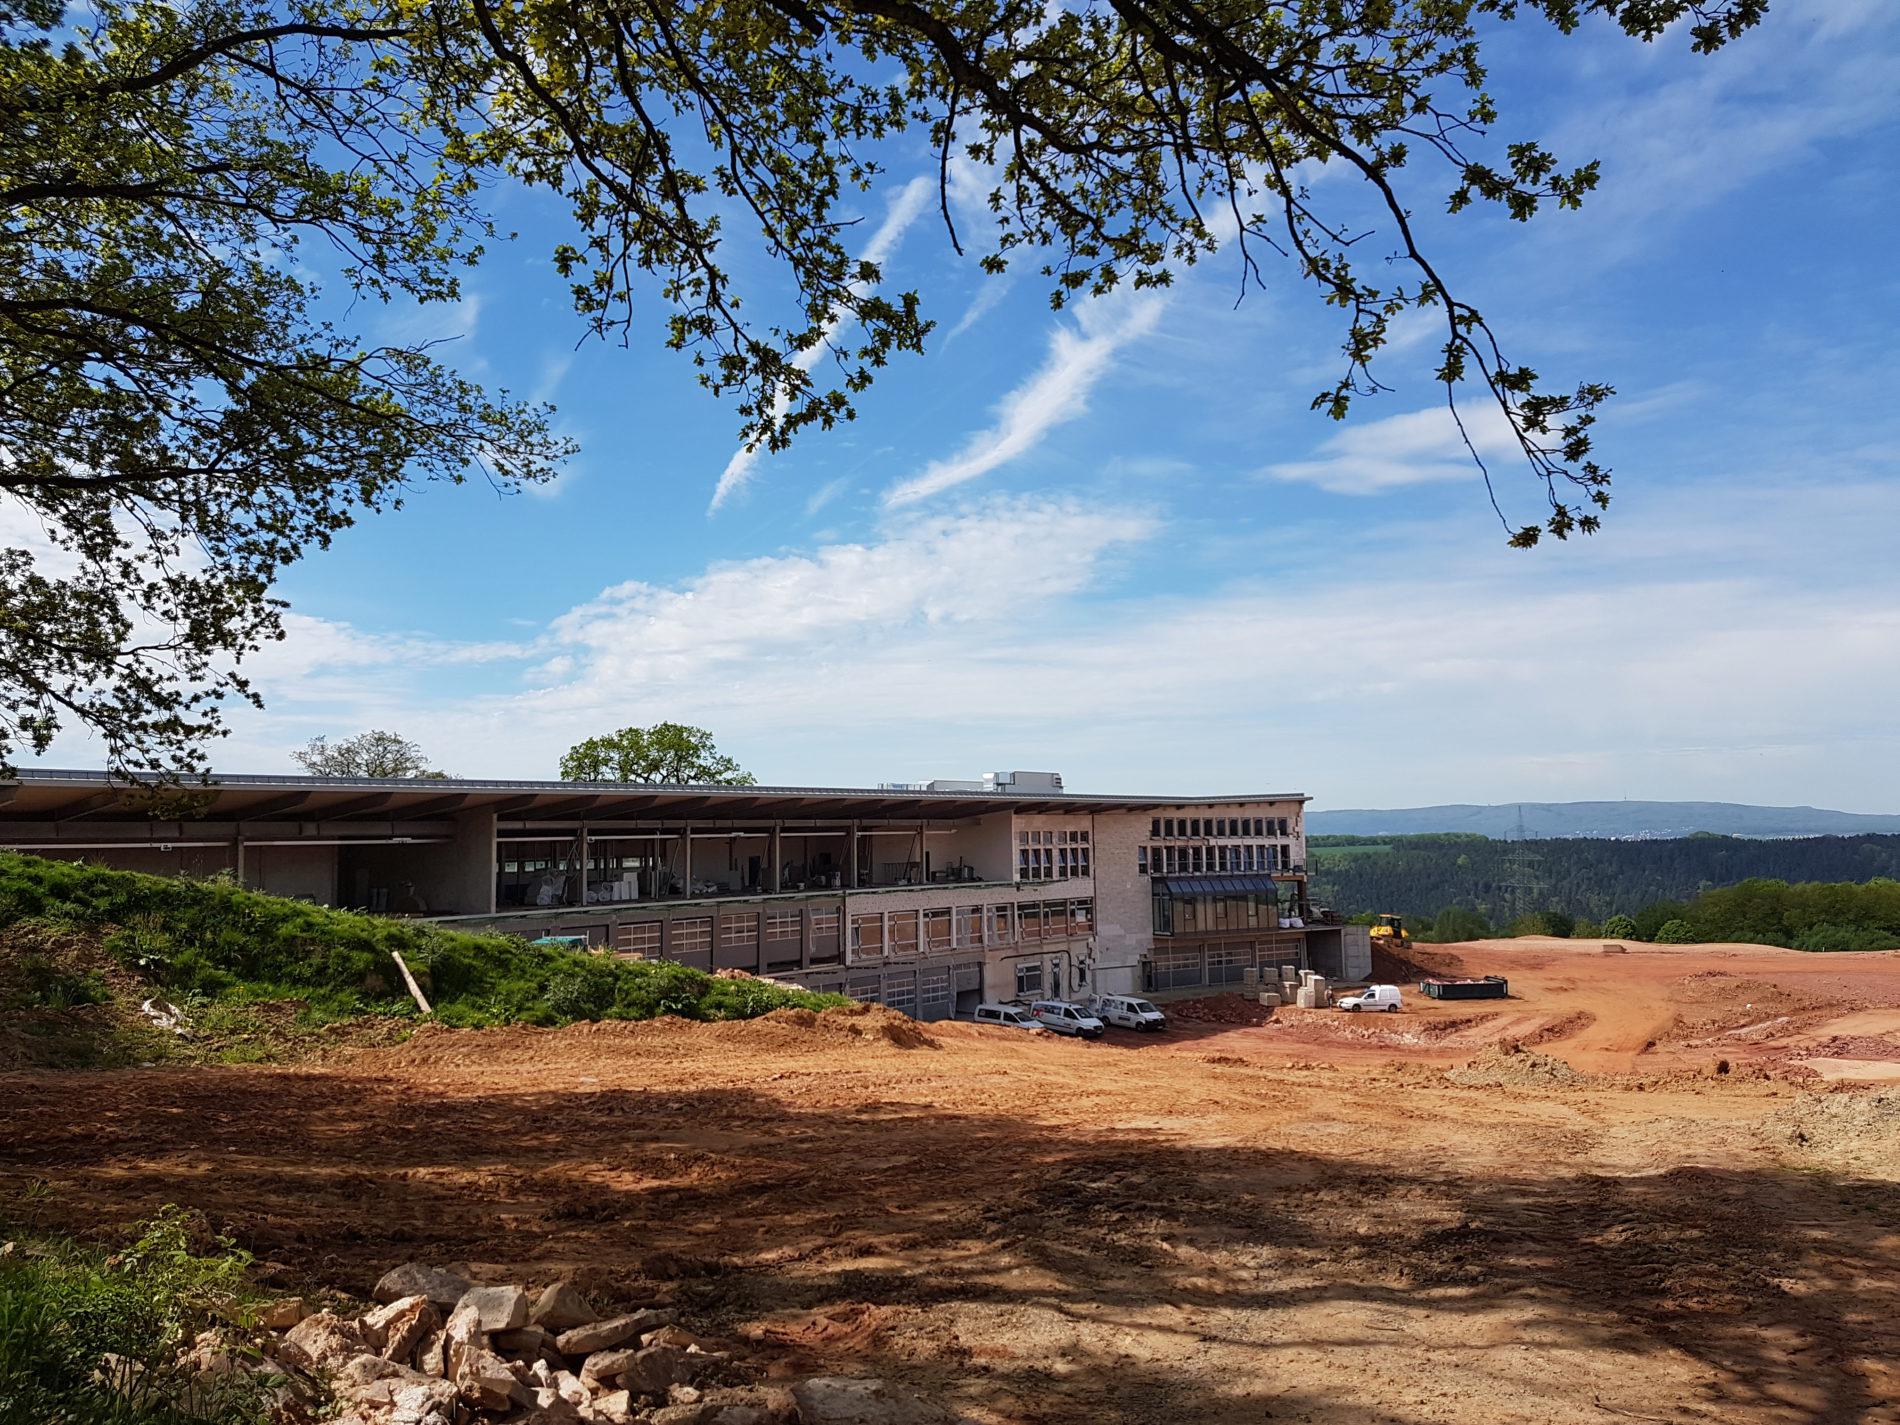 Heute noch Baustelle, bald schon Service Center, Driving Range und Restaurant (c) Giel